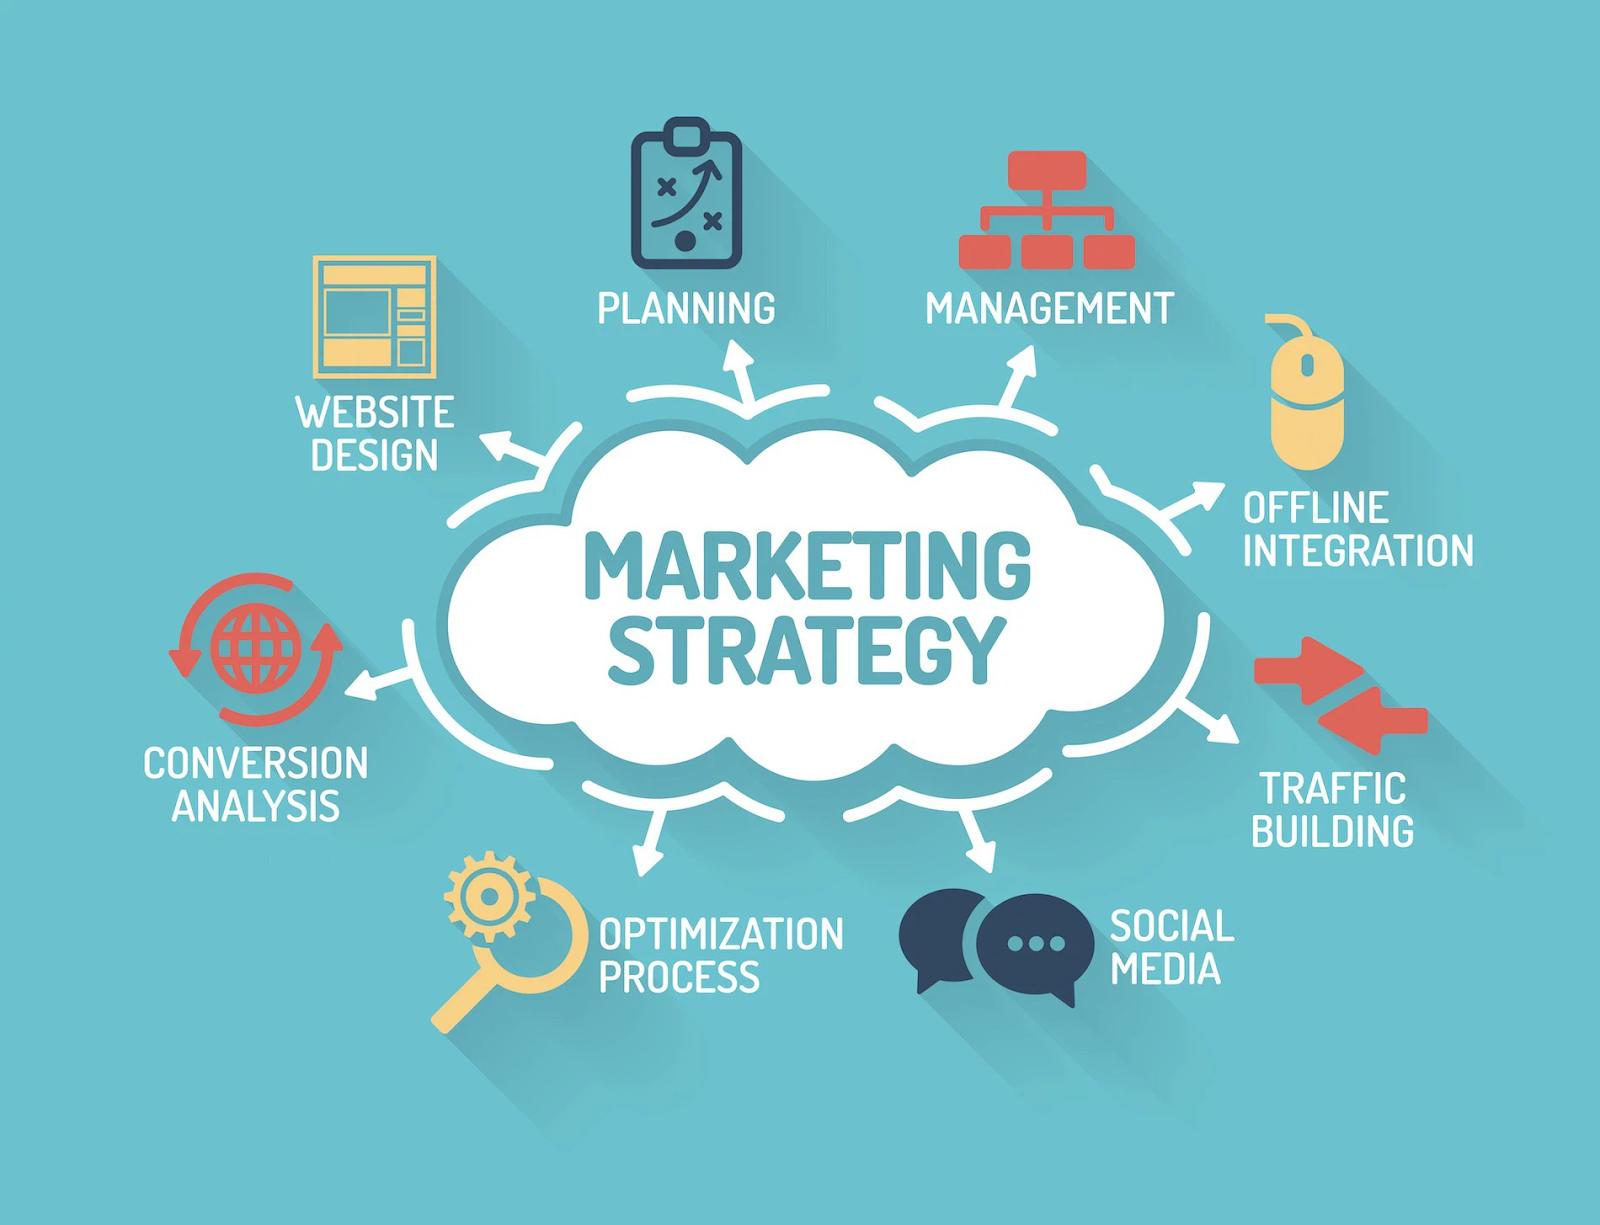 Hướng dẫn lên chiến lược marketing hiệu quả